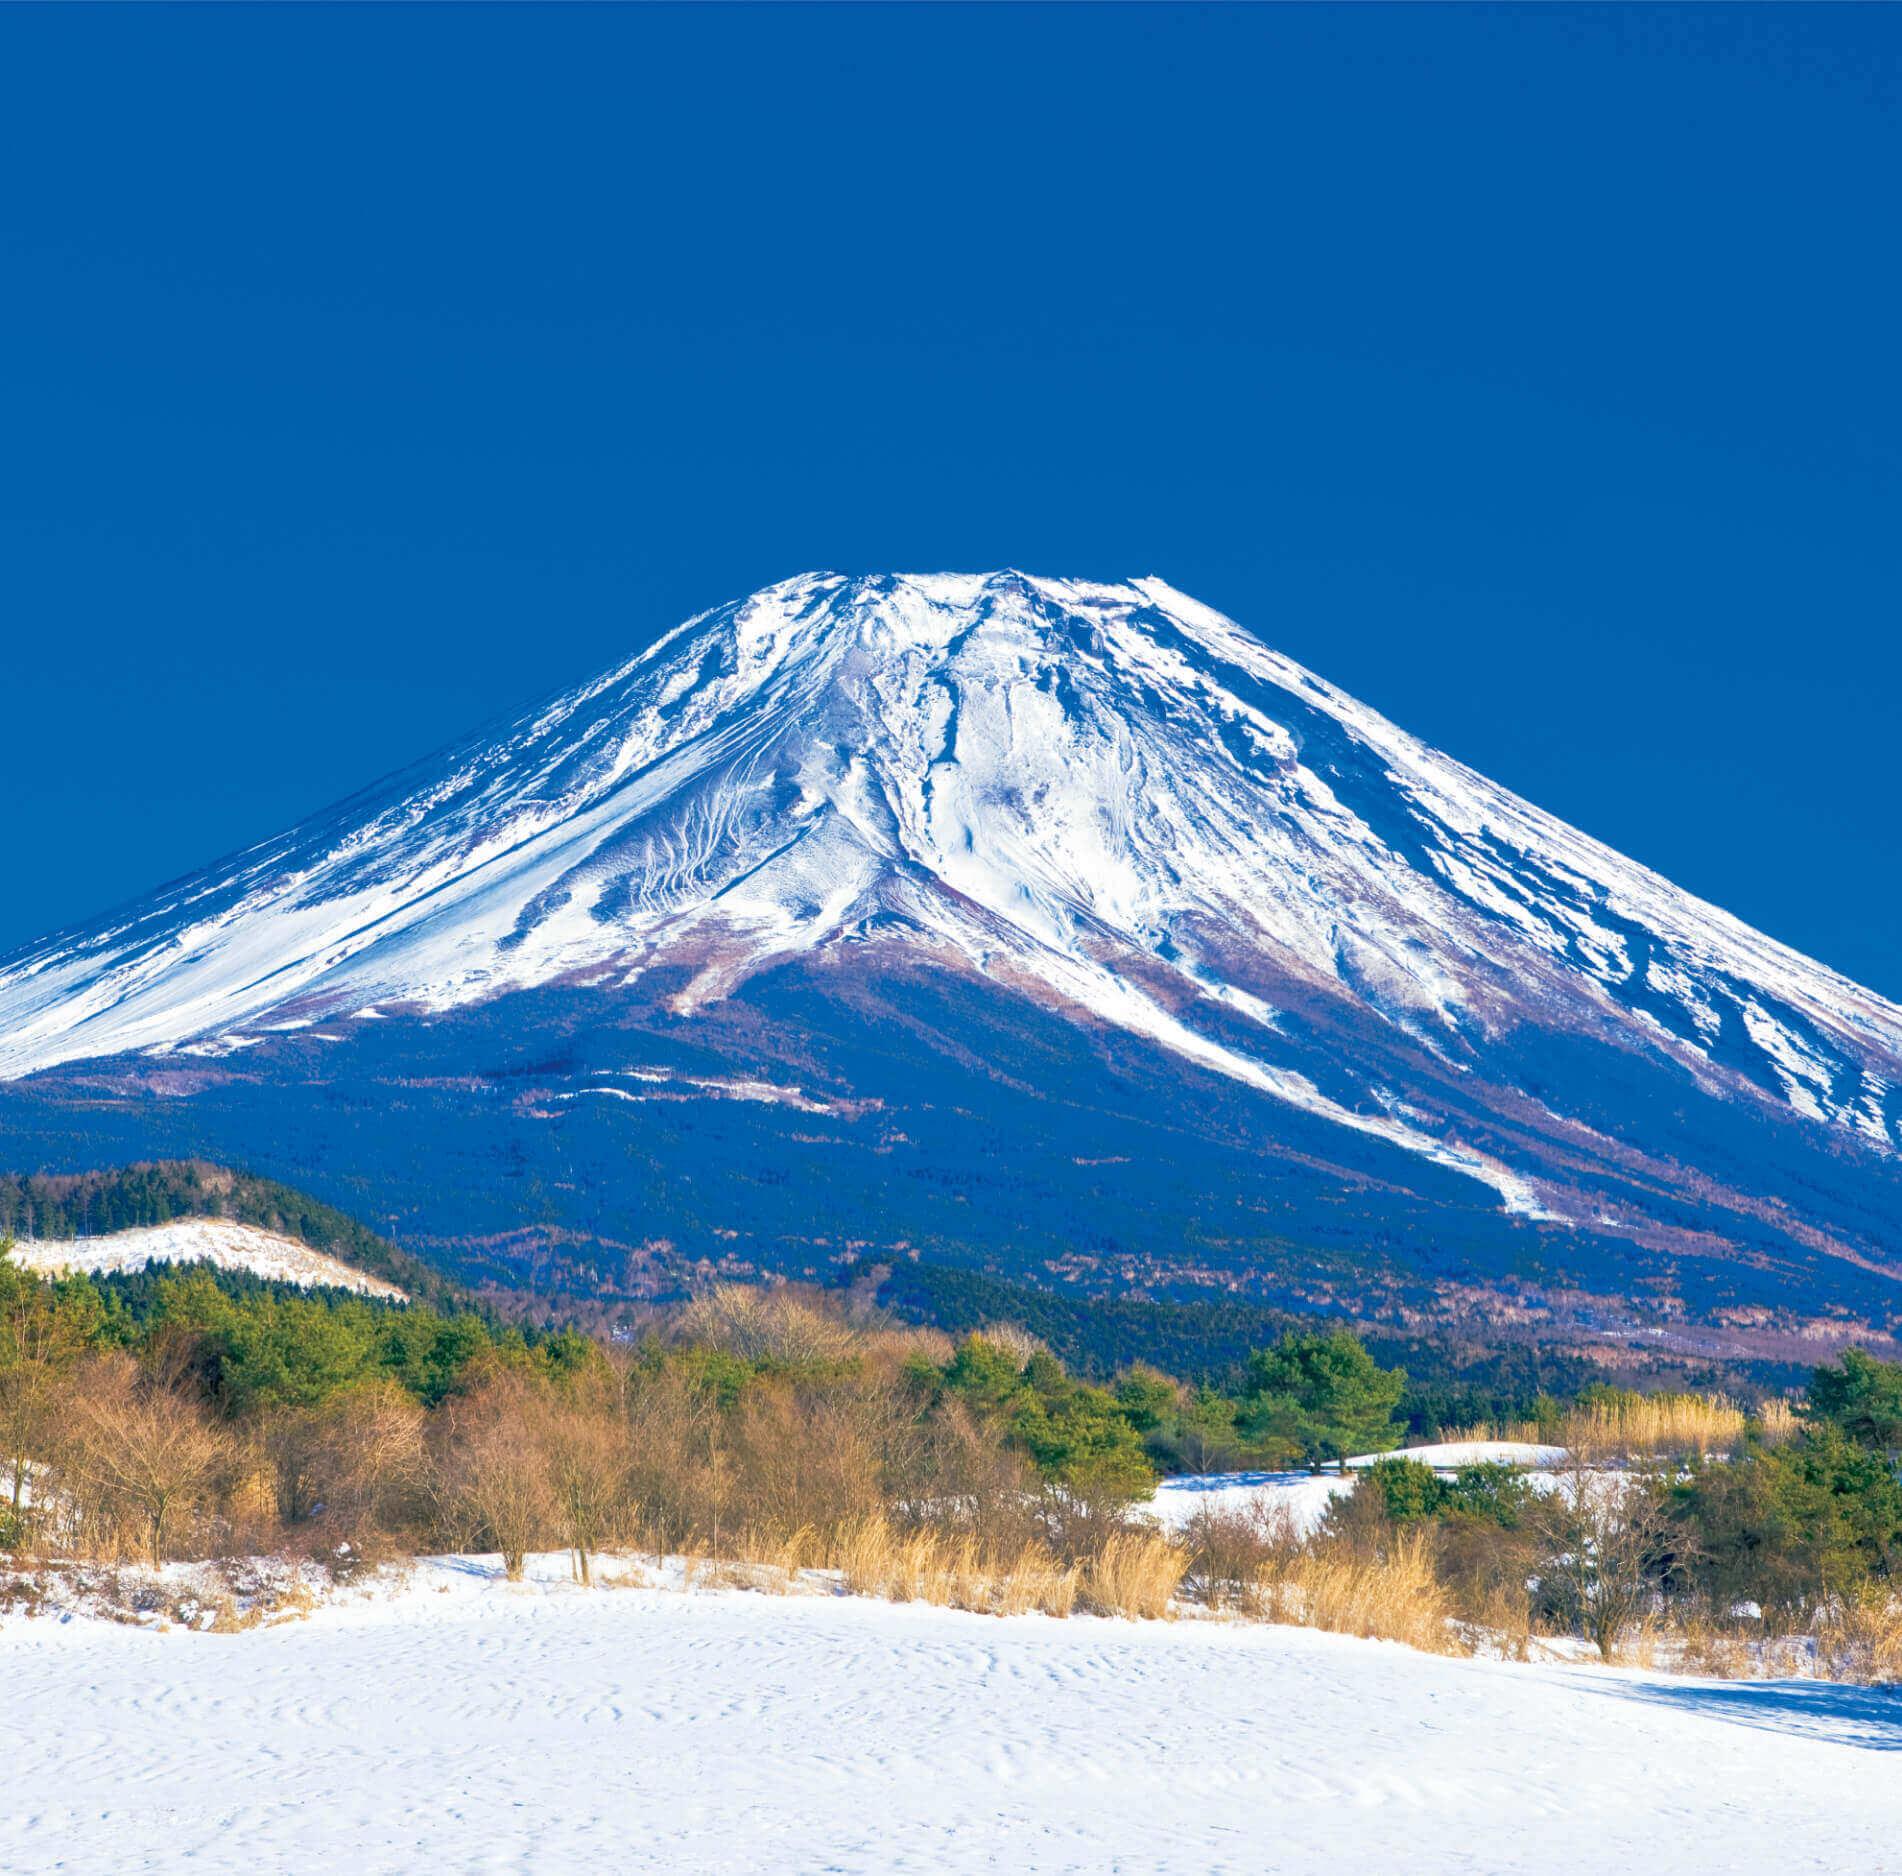 11-12月 富士ヶ嶺より(山梨) 富士山(フィルムカレンダー) 2022年カレンダーの画像